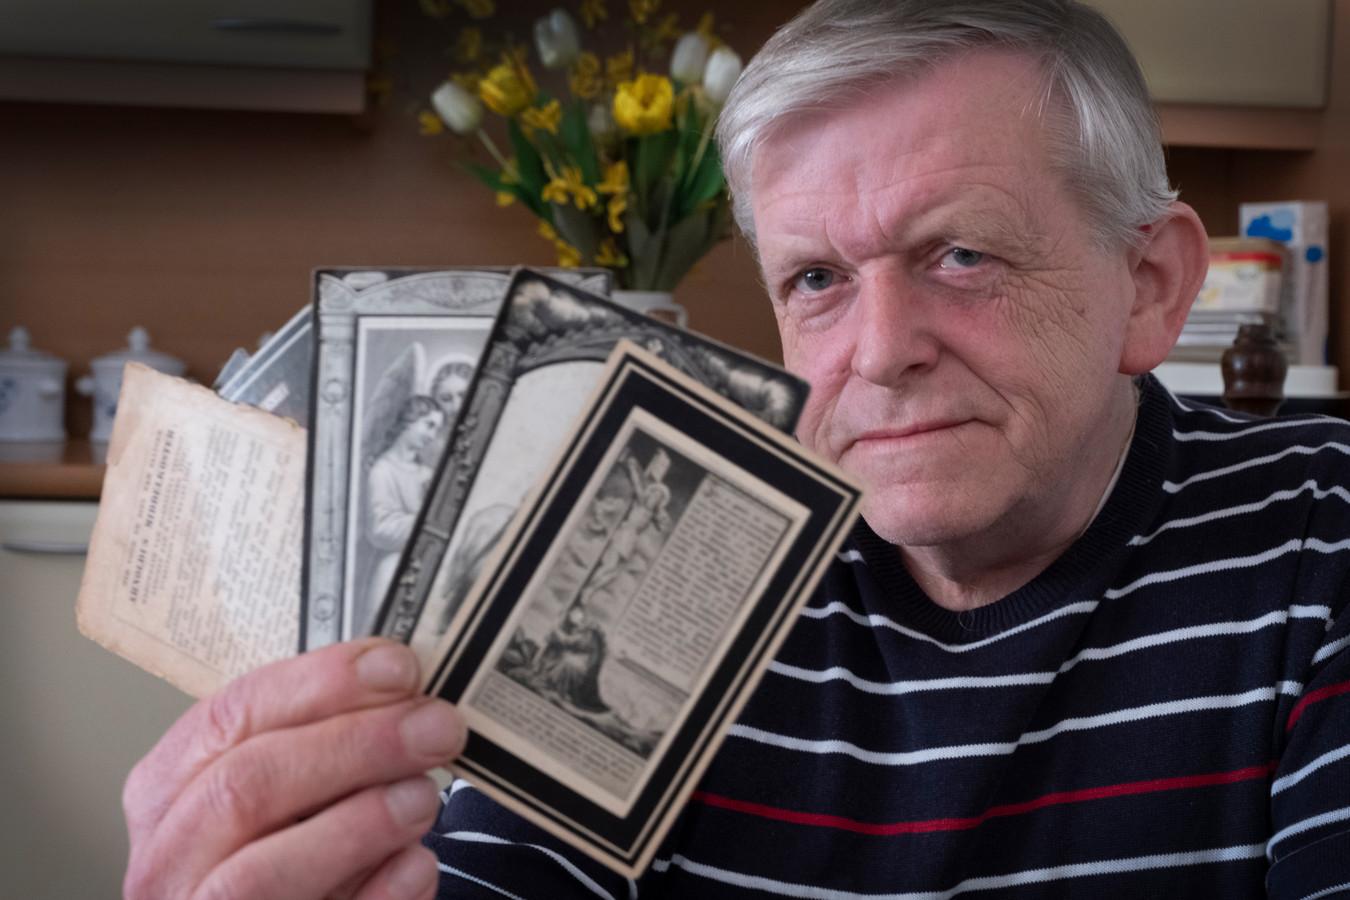 George Bendelow uit Molenhoek verzamelt bidprentjes. Een kleine greep uit de half miljoen plaatjes die George heeft.